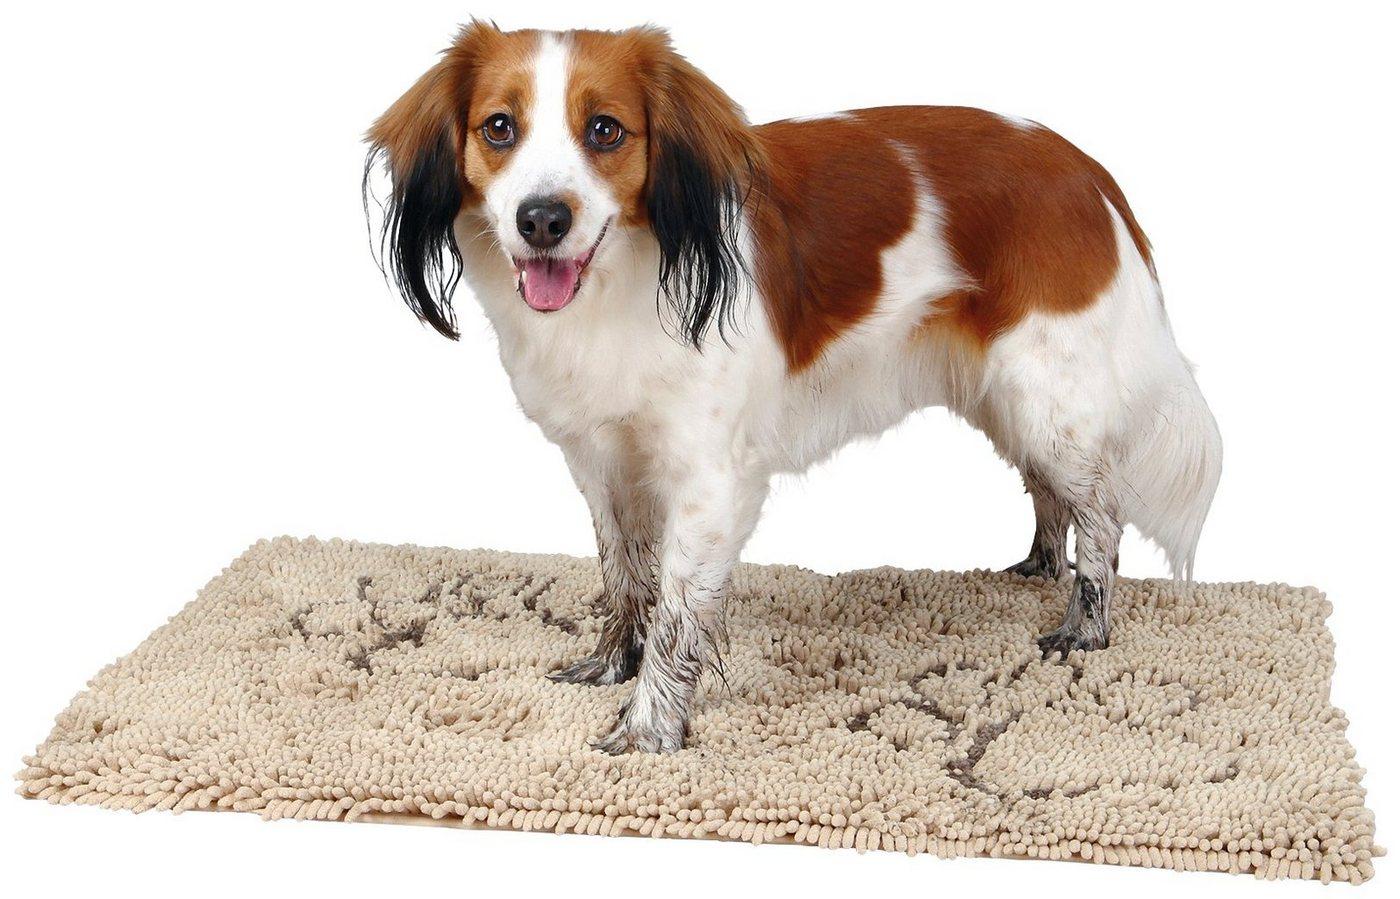 Schmutzfangmatte für Hunde, beige, BxT: 80x55 cm - Preisvergleich